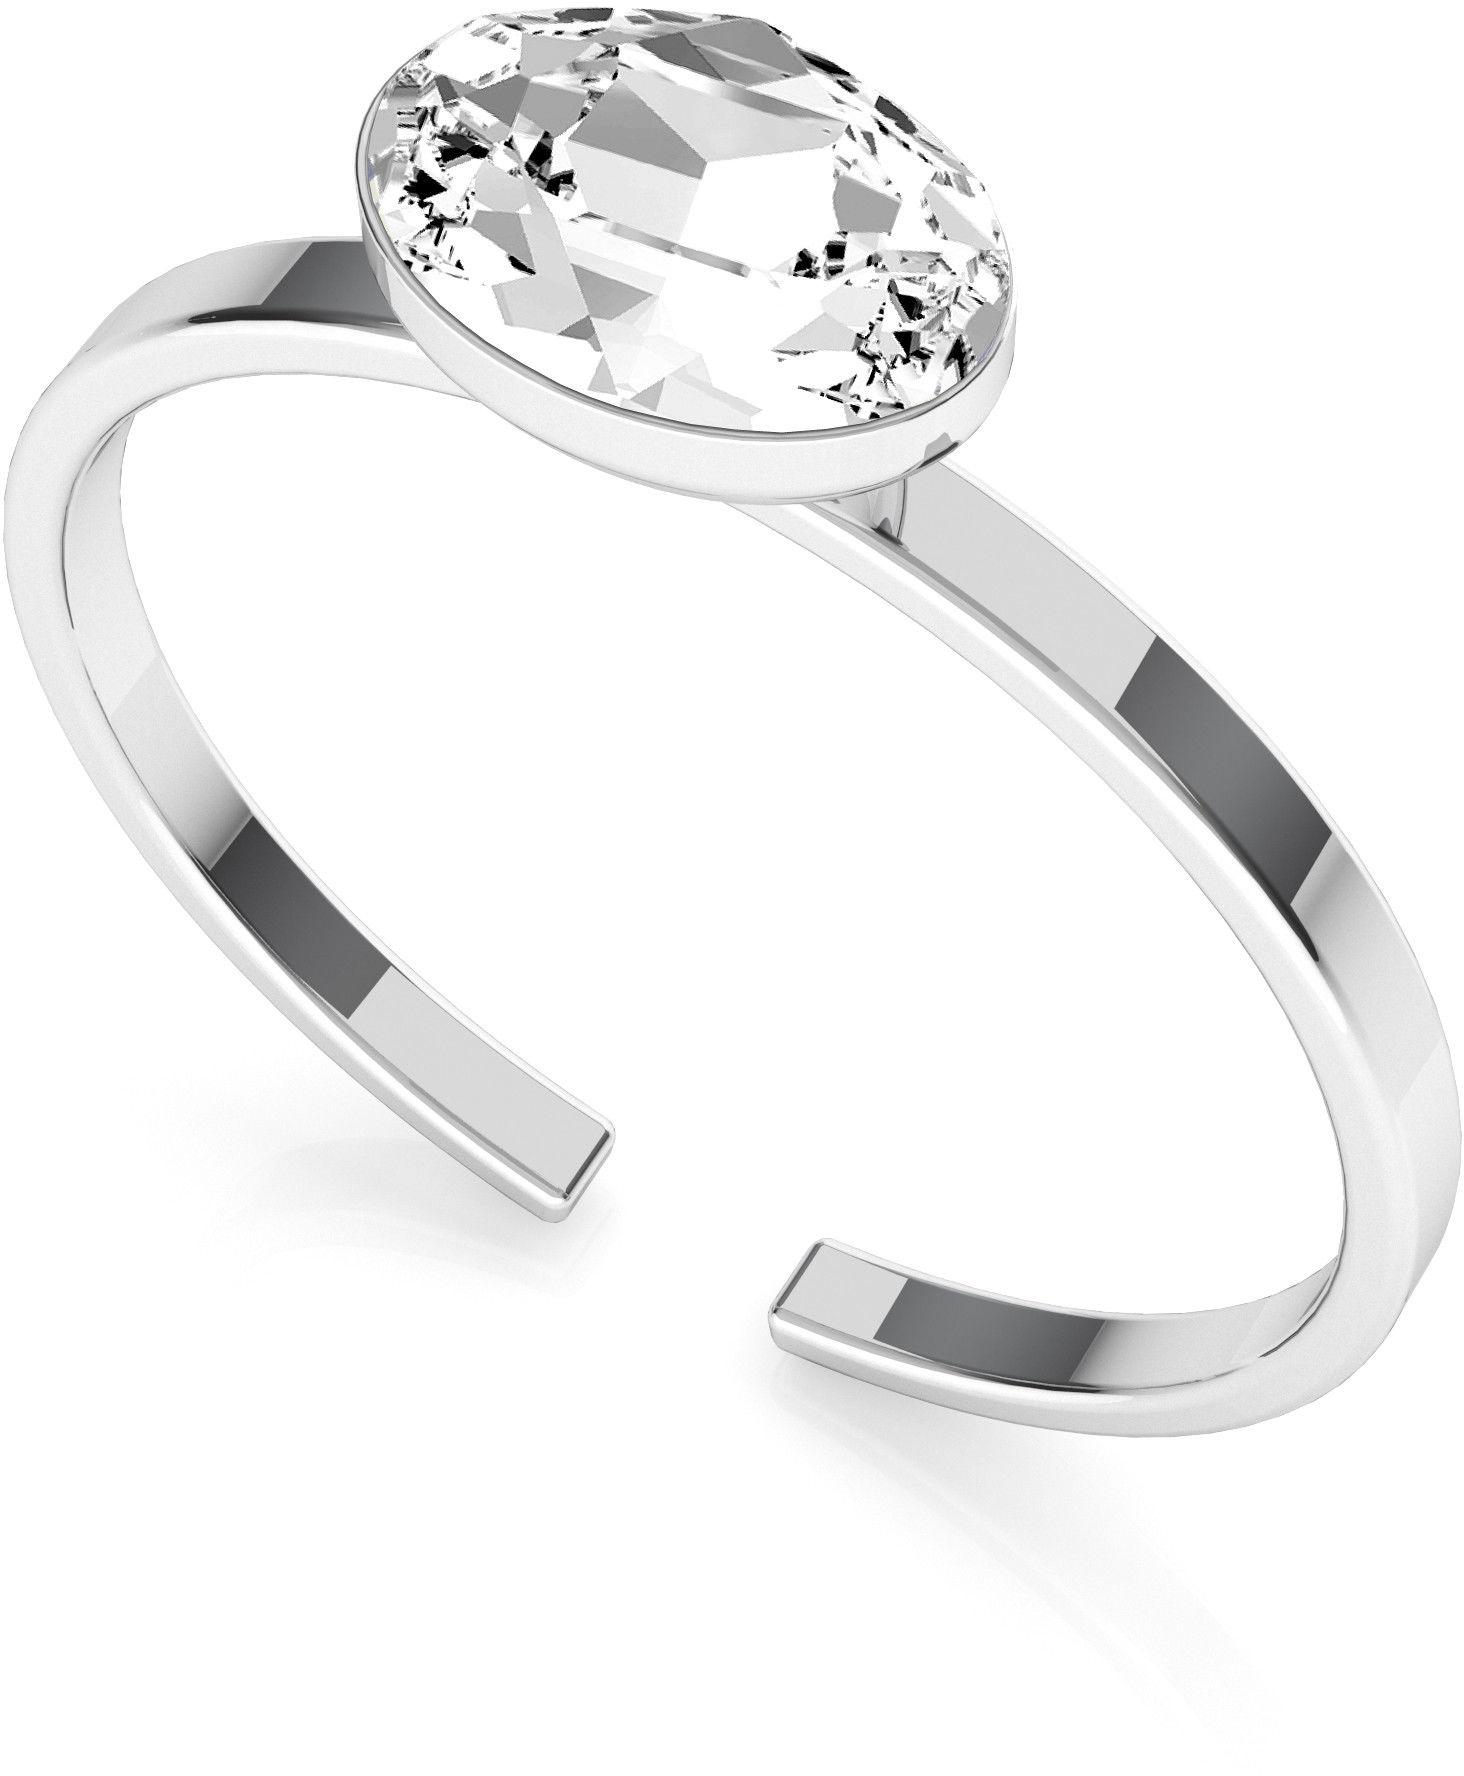 Srebrny pierścionek z owalnym kryształem Rivoli My RING, srebro 925 : Srebro - kolor pokrycia - Pokrycie platyną, SWAROVSKI - kolor kryształu - Crystal